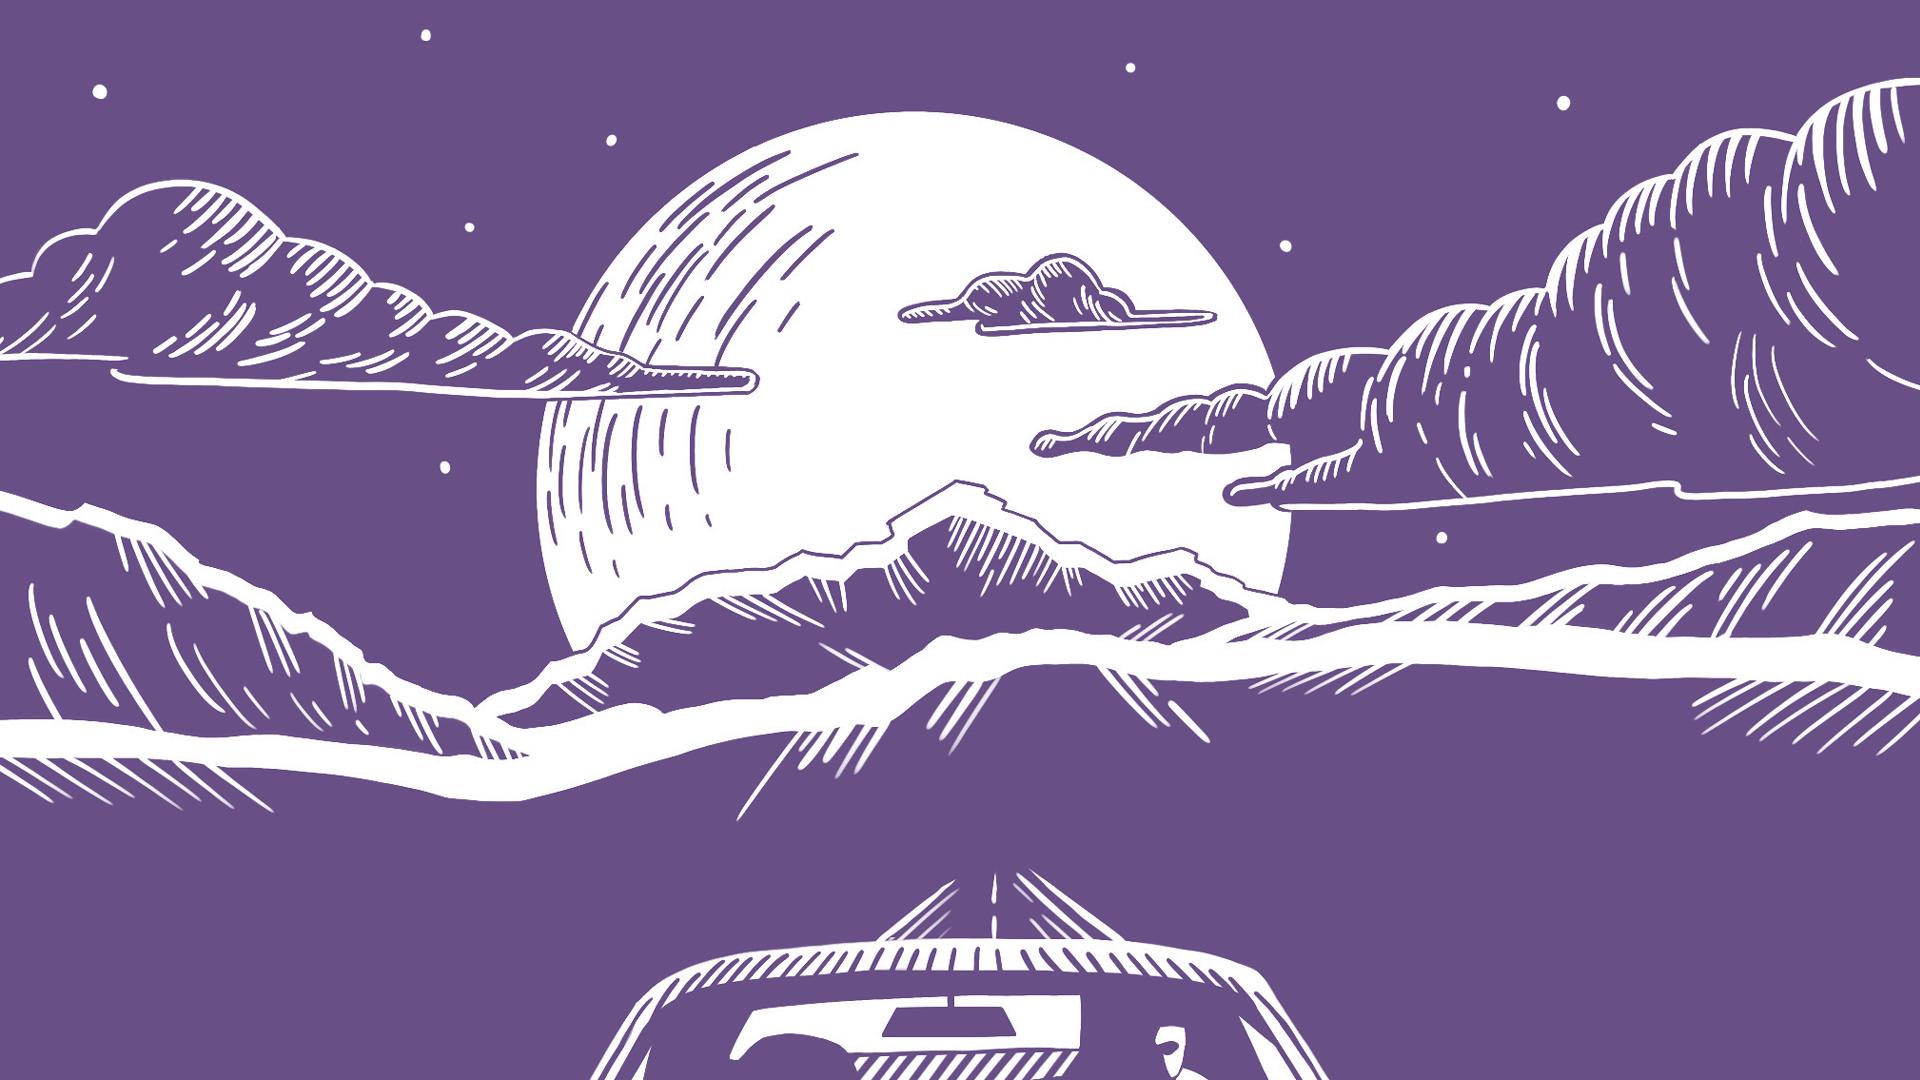 DAPL04 — Grafica, illustrazione